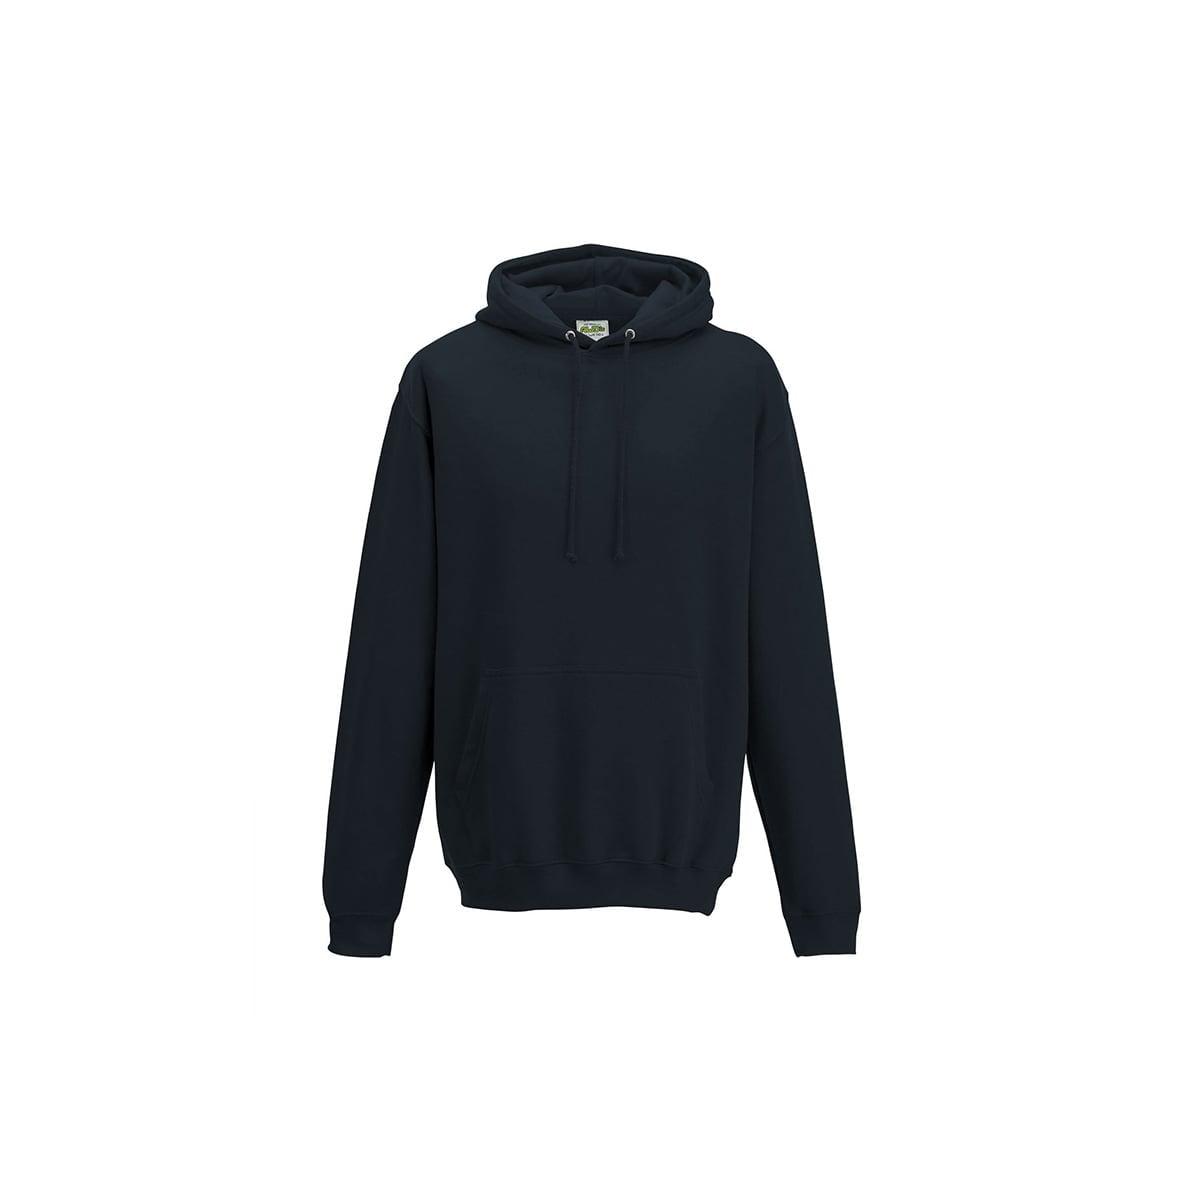 Bluzy - Bluza z kapturem College - Just Hoods JH001 - New French Navy - RAVEN - koszulki reklamowe z nadrukiem, odzież reklamowa i gastronomiczna